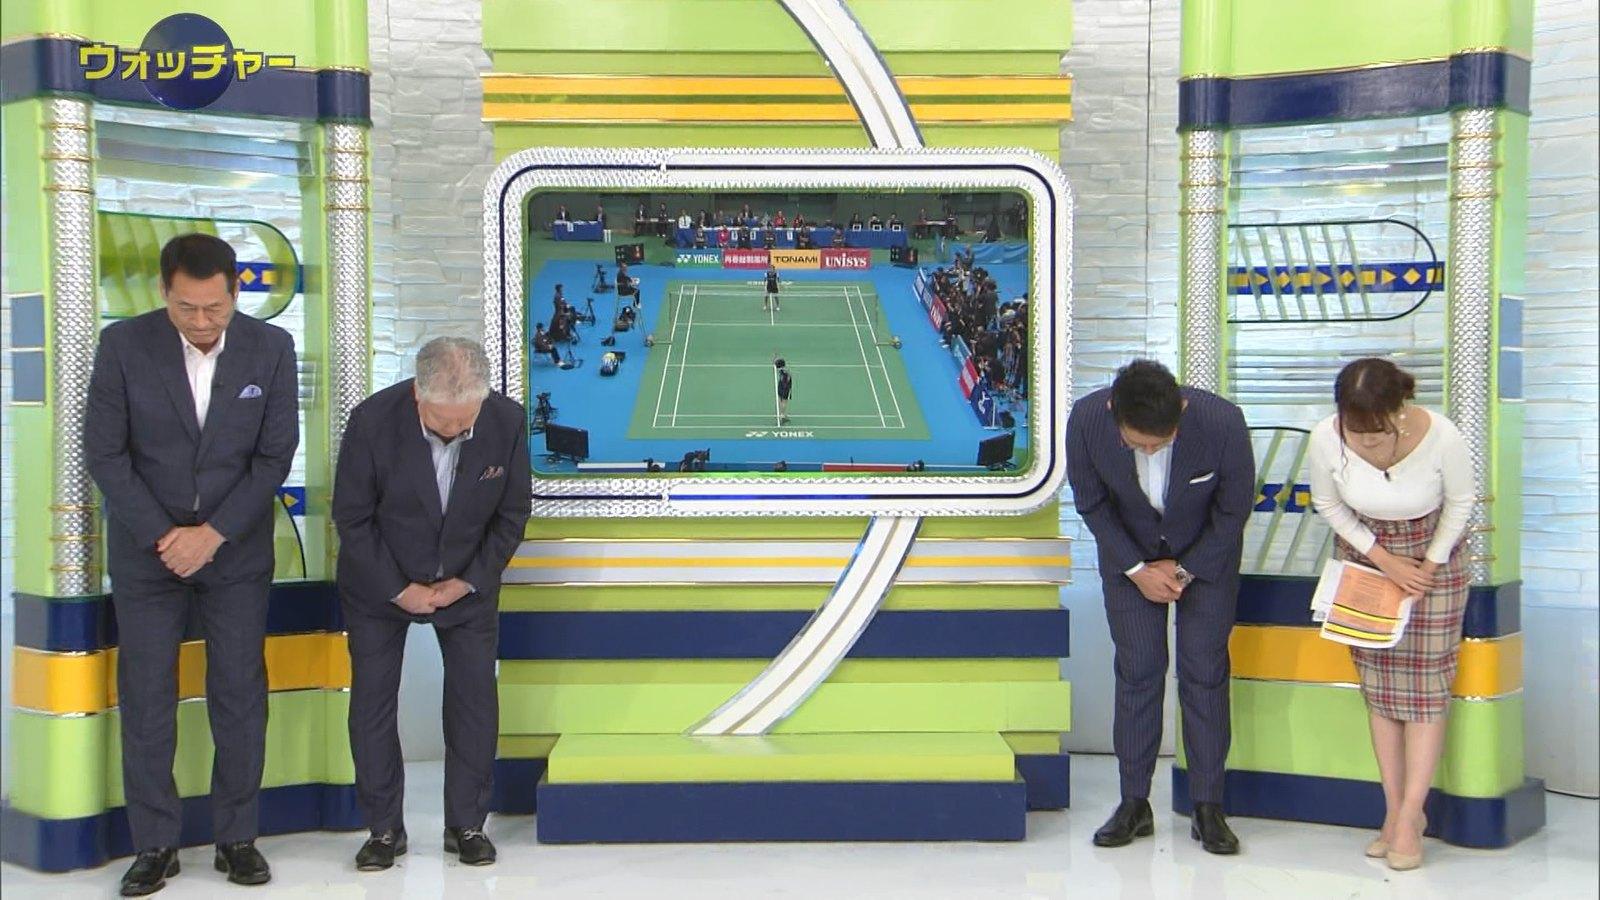 2018年12月2日テレ東「SPORTSウォッチャー」鷲見玲奈さんのテレビキャプチャー画像-006